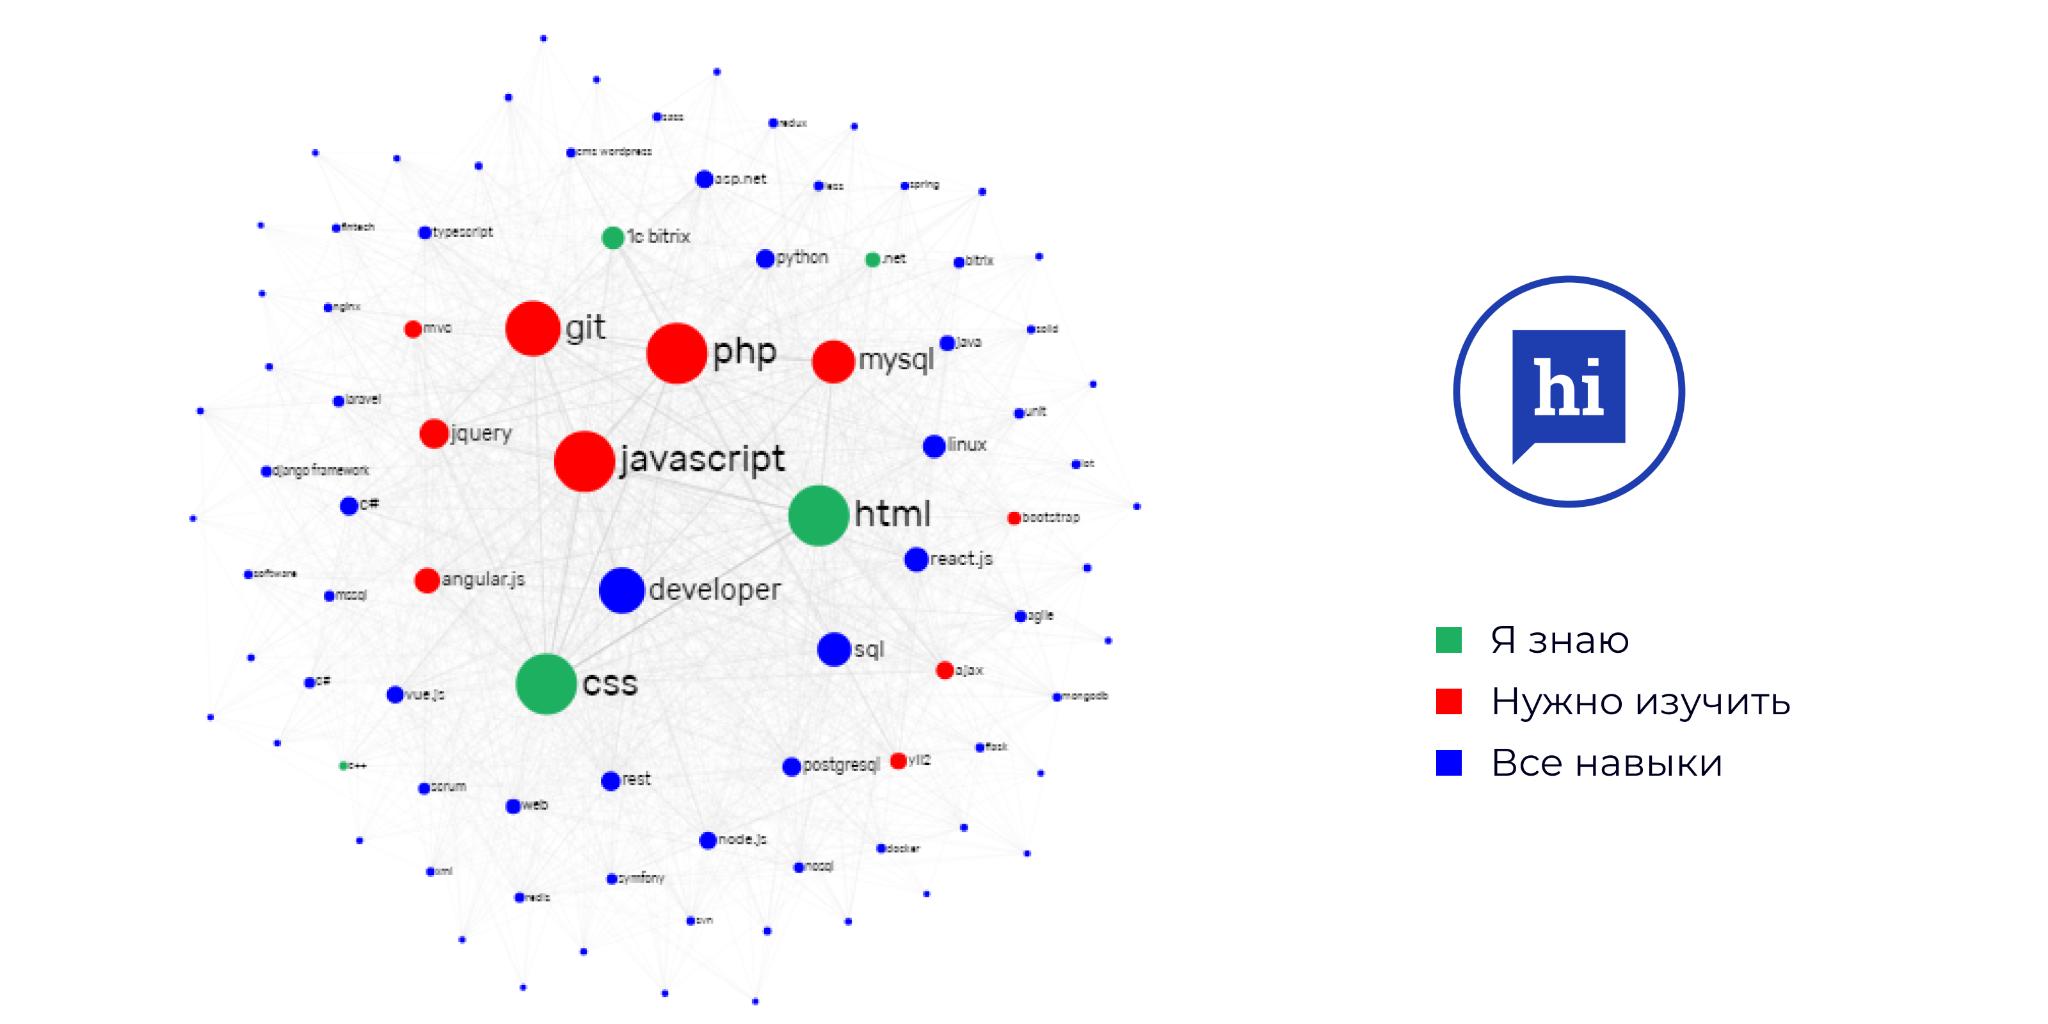 hibrain_graph.png